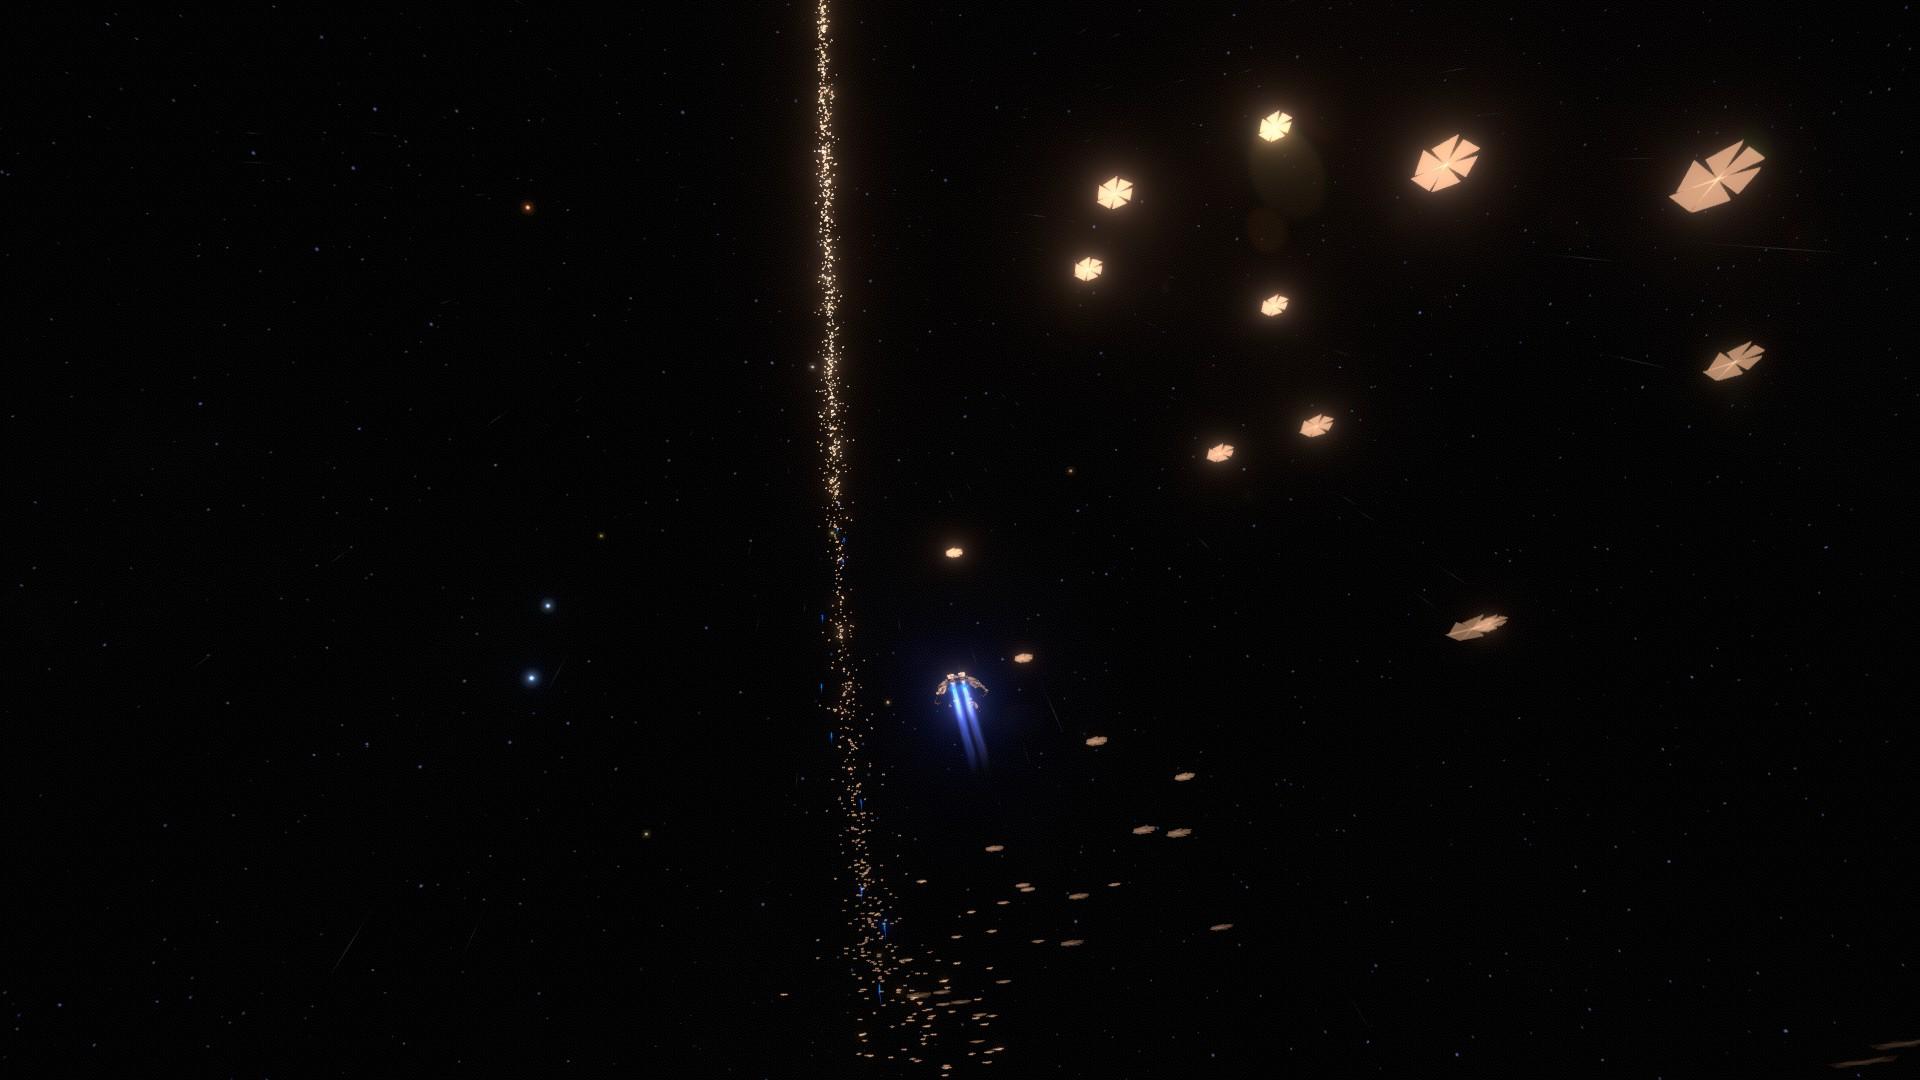 Dyson-swarm.jpg